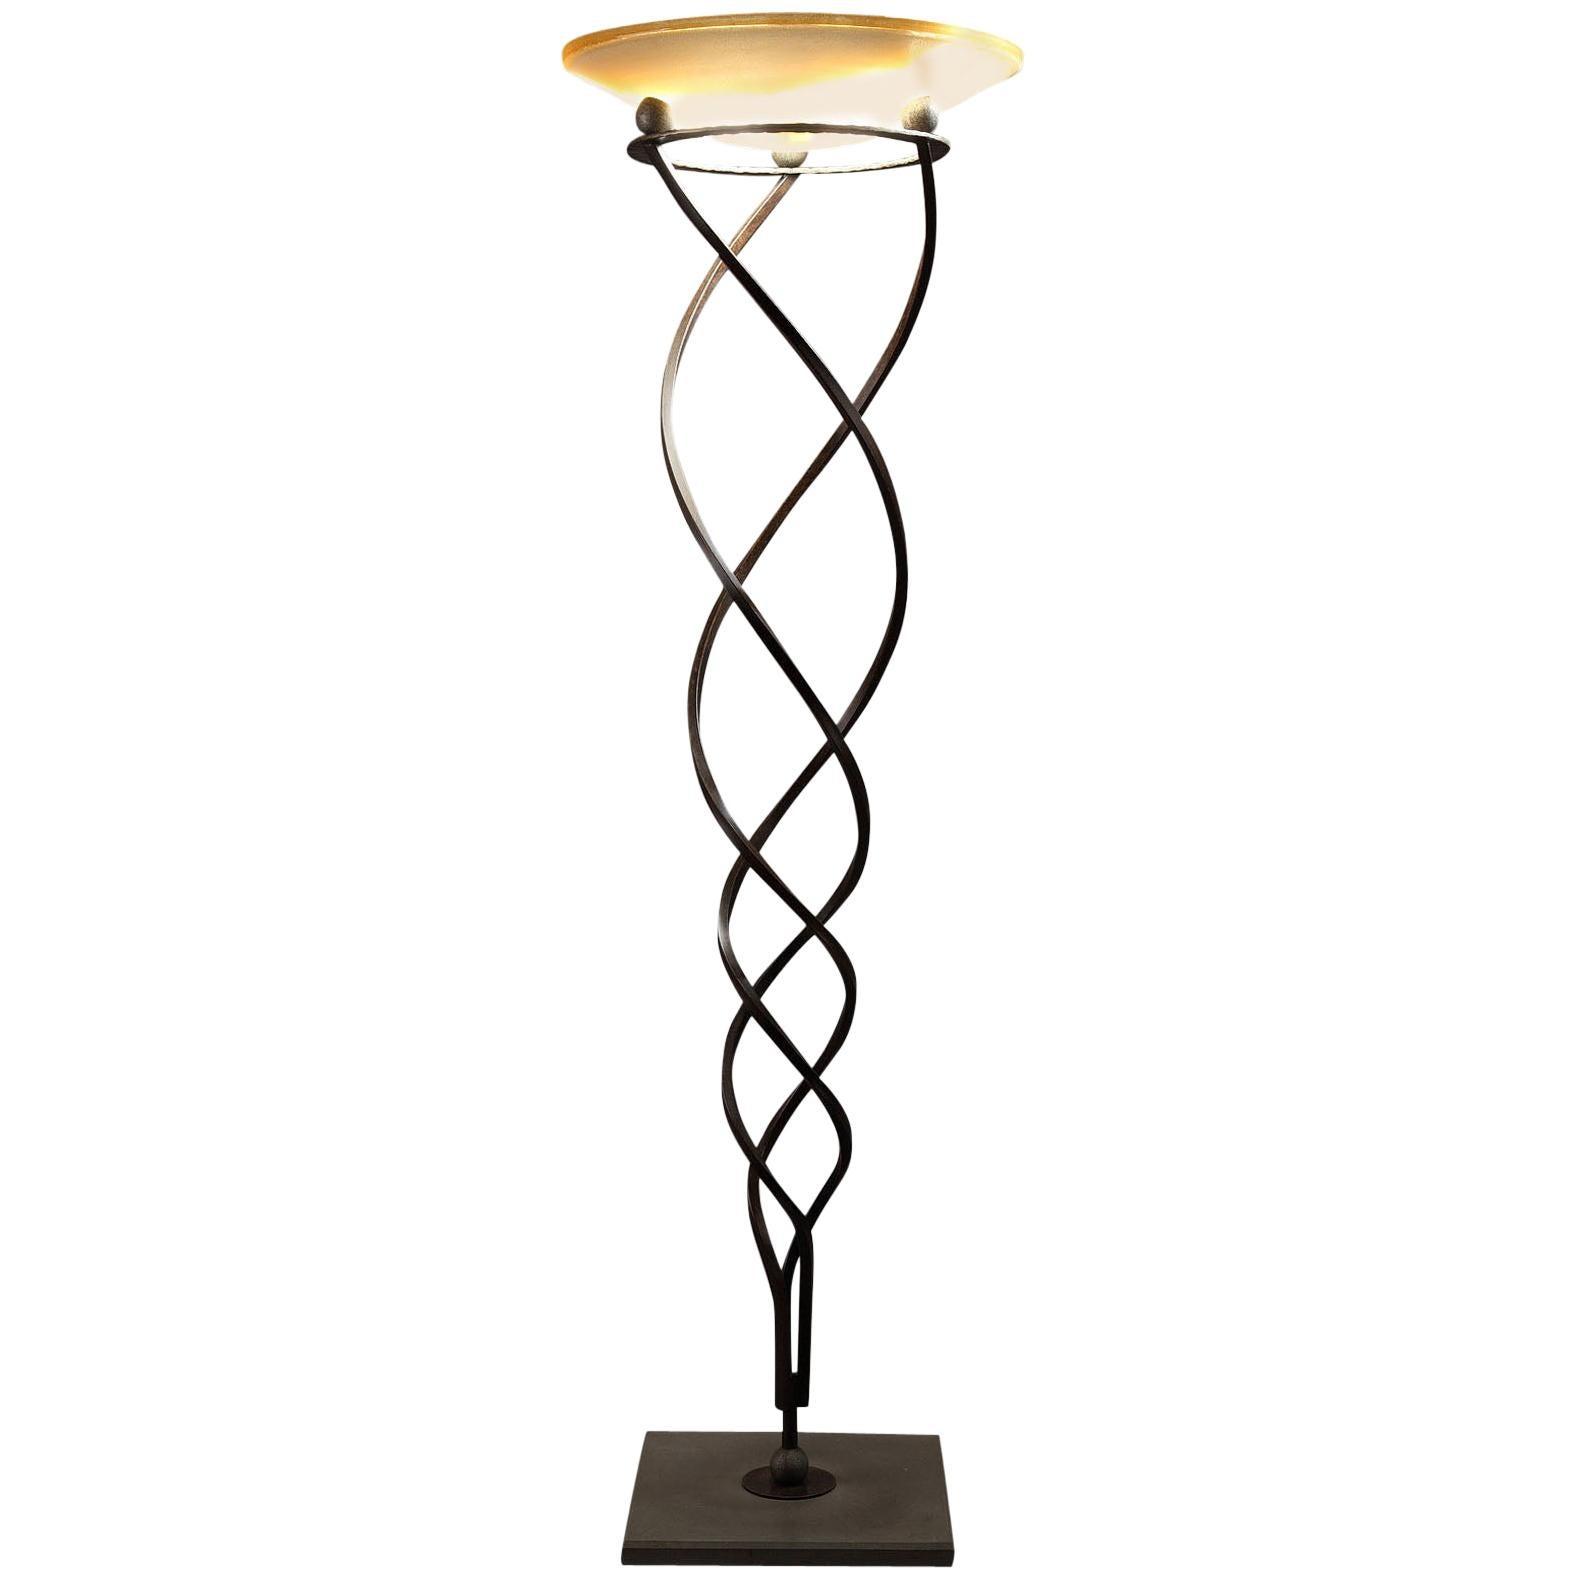 Antinea Terra Floor Lamp by Jean-François Crochet for Terzani